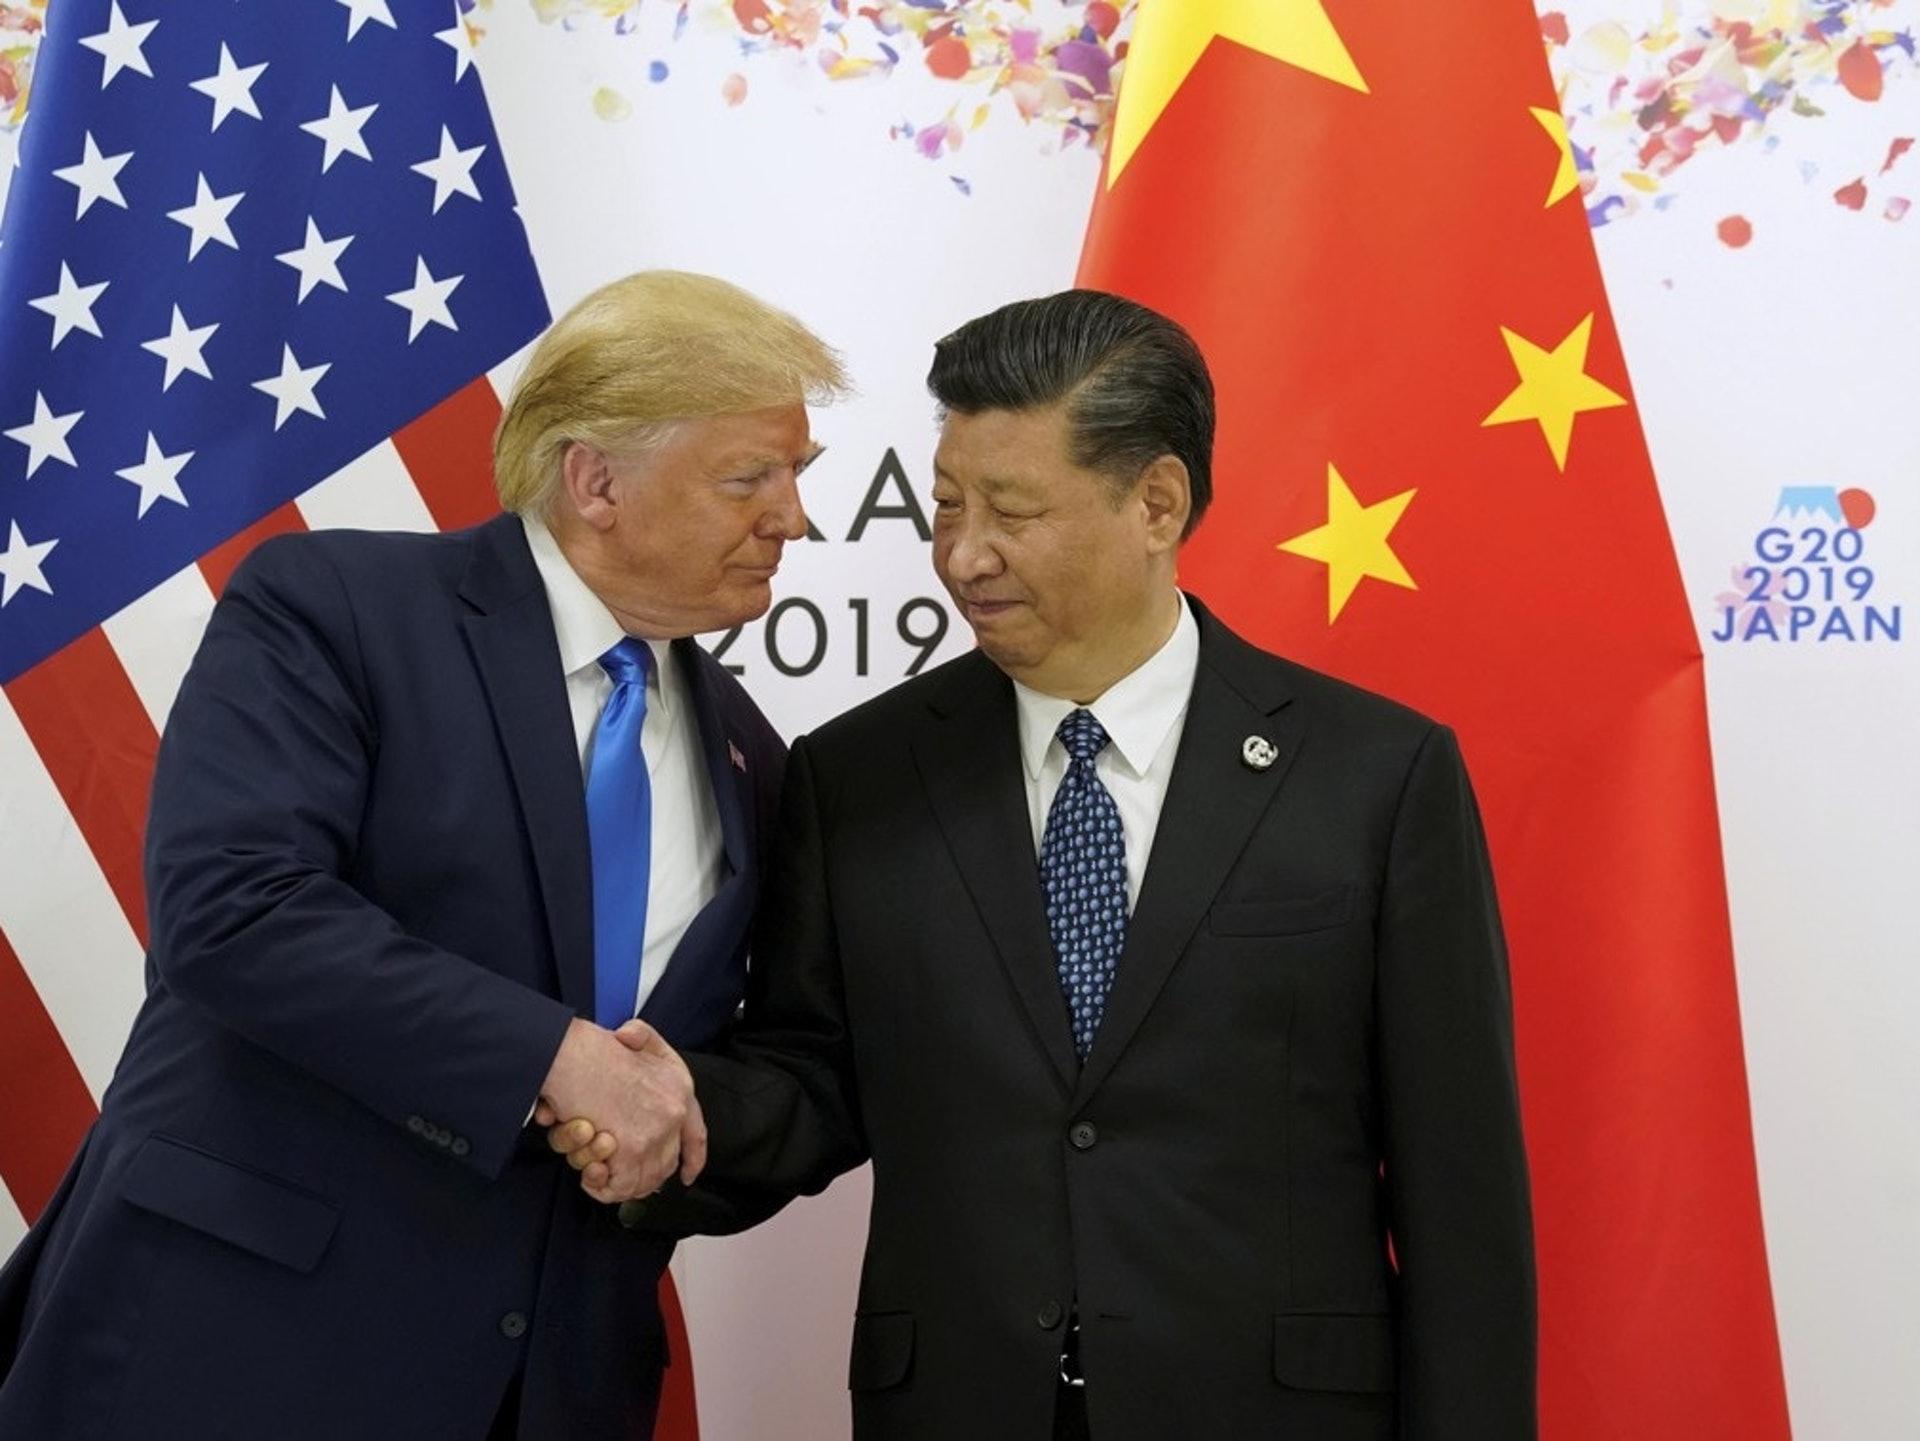 特朗普曾於10月29日表示有望提前同北京簽署貿易協議。(路透社)